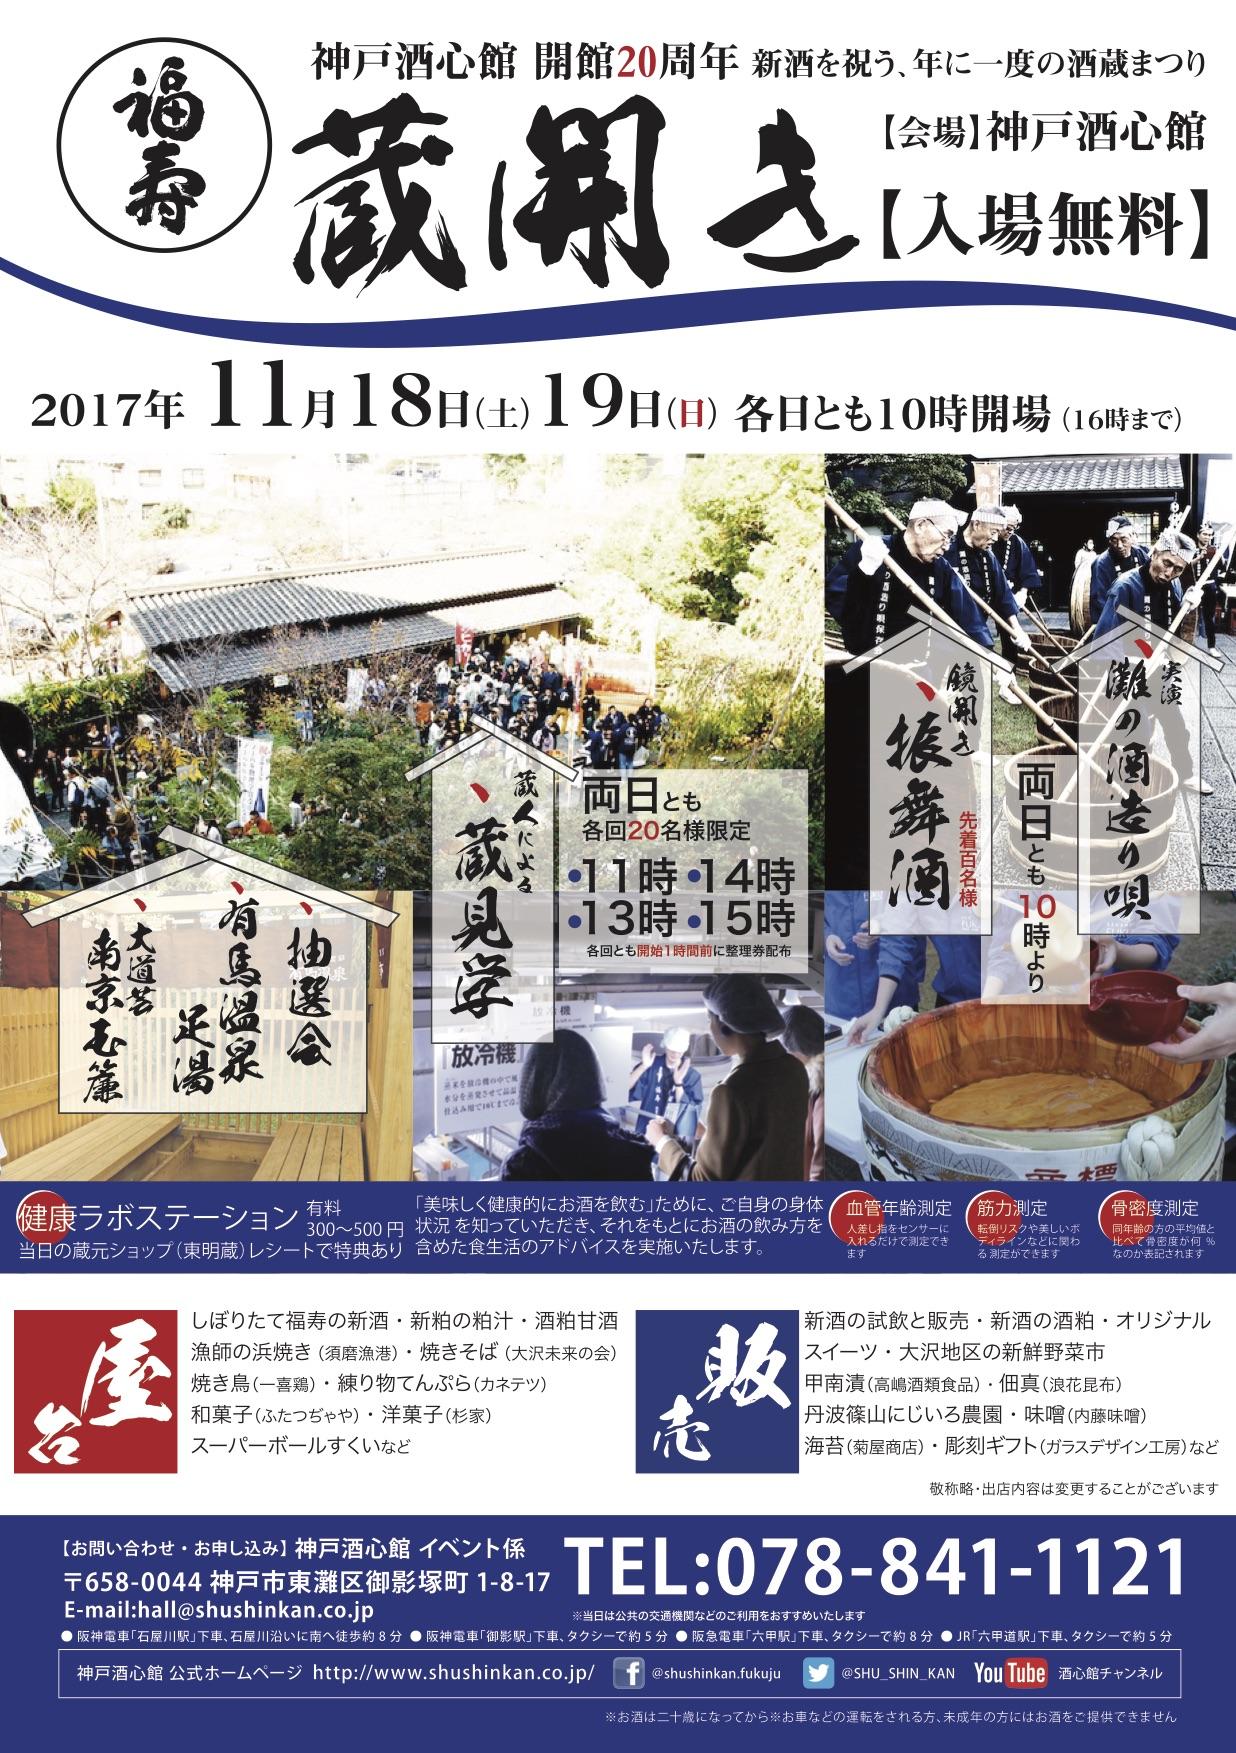 神戸・御影の神戸酒心館で11/18と11/19に「蔵開き」が開催されるよ! #神戸酒心館 #福寿